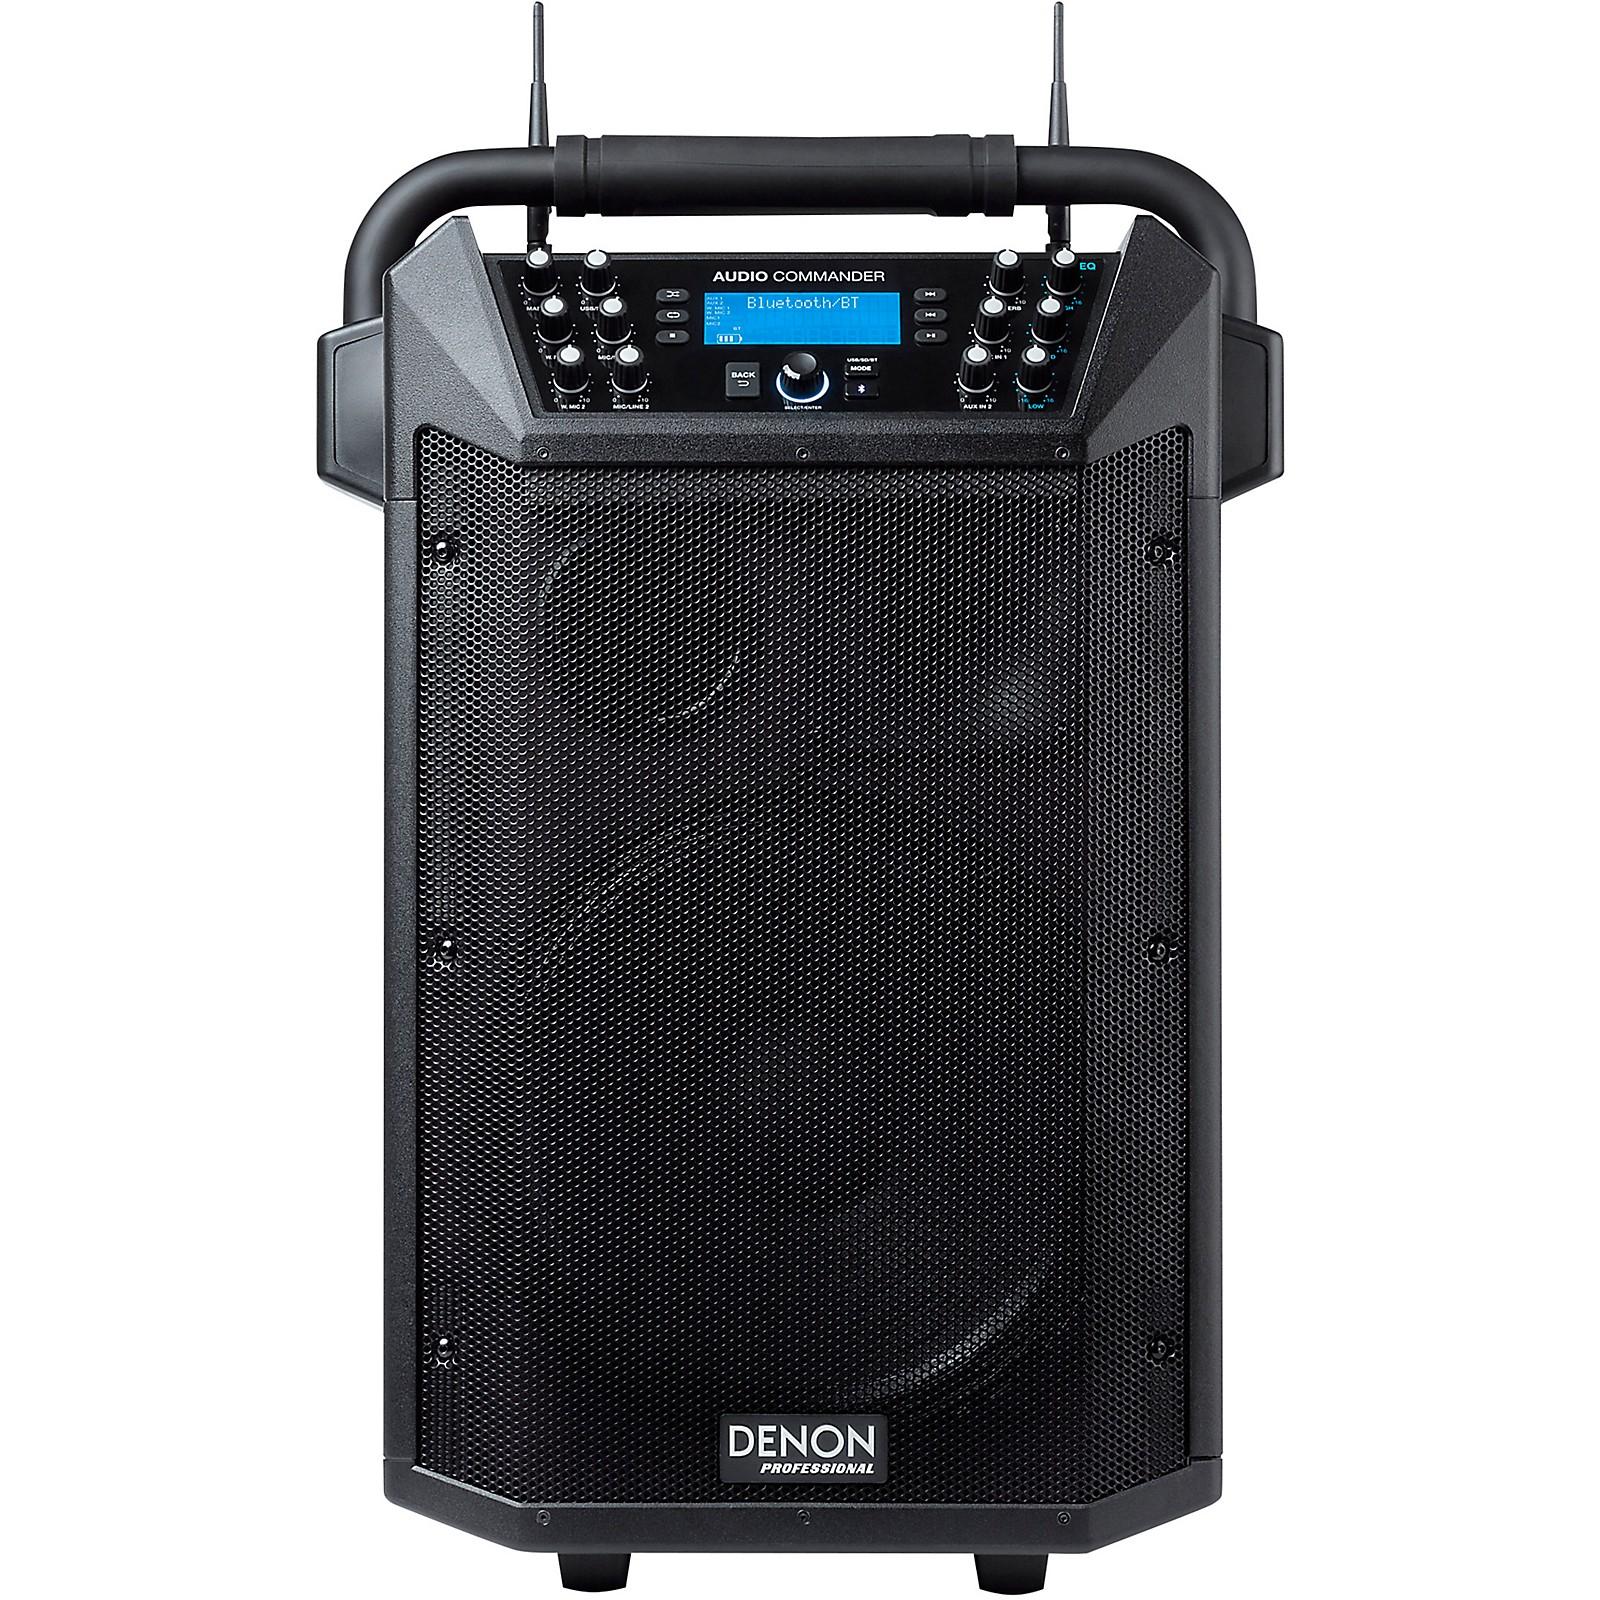 Open Box Denon Professional Audio Commander 200W Wireless Mobile PA System